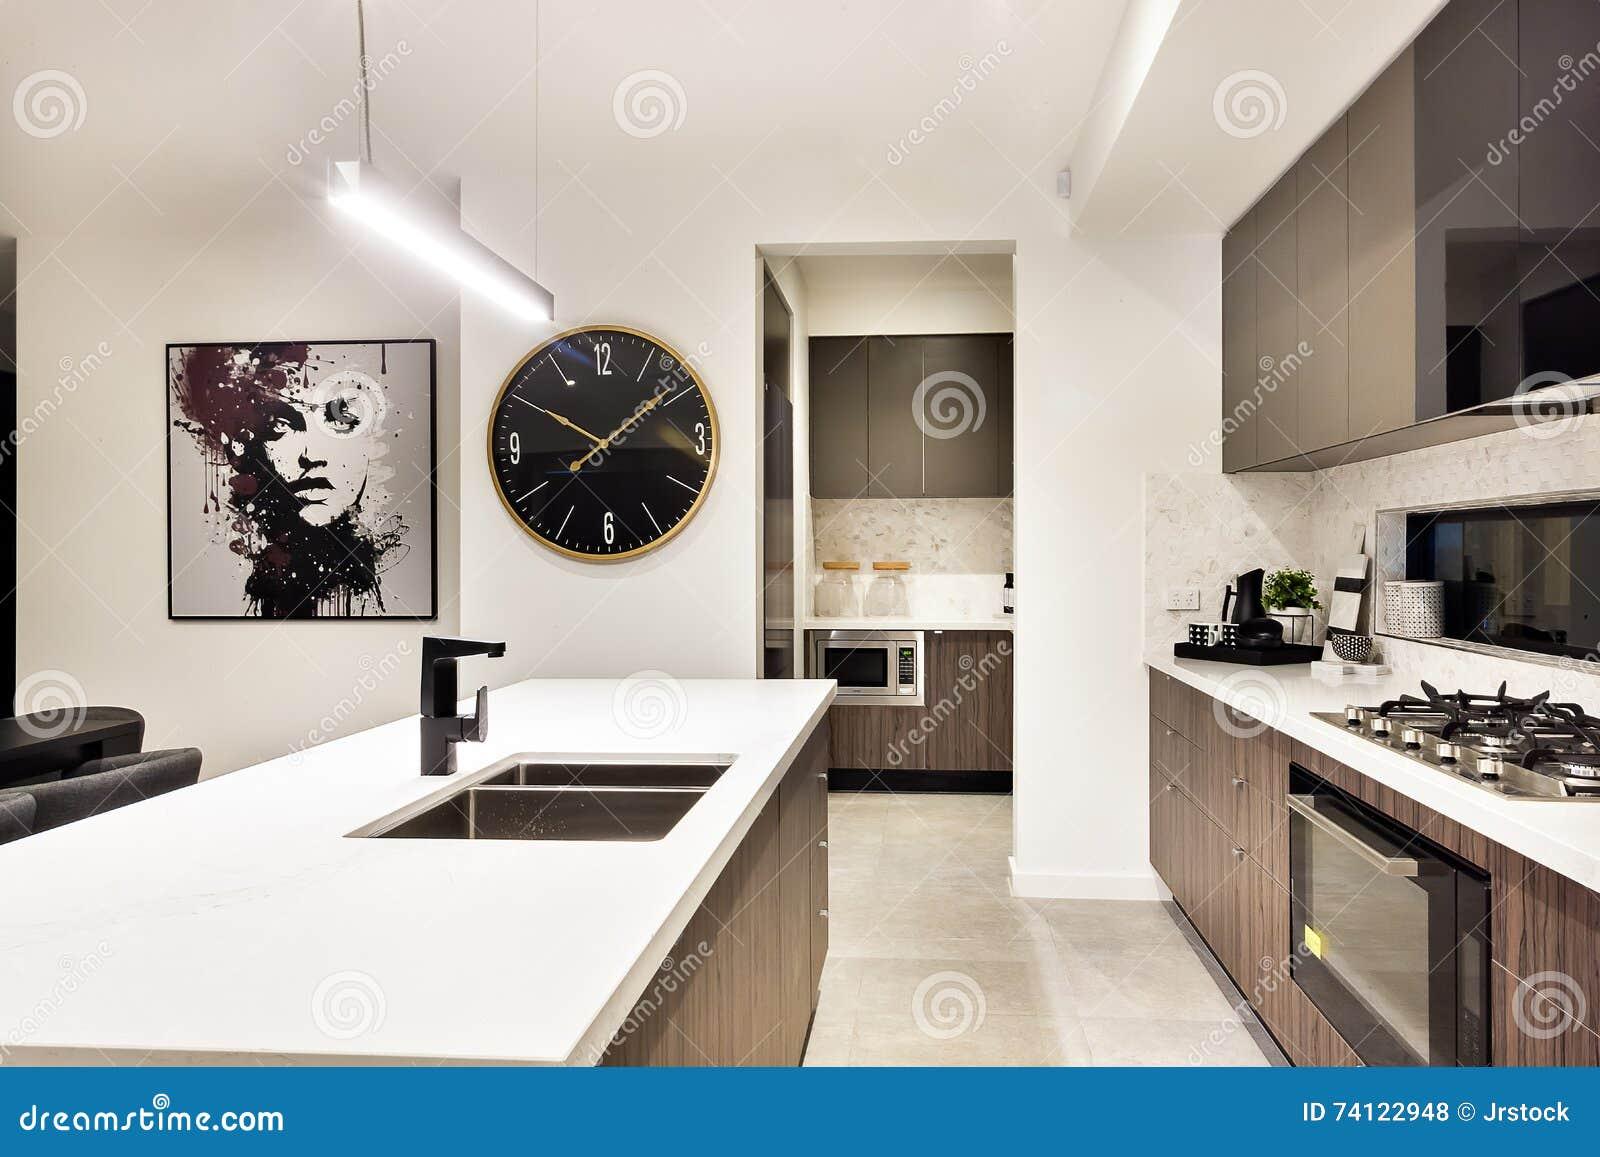 Moderne Küche Countertopnahaufnahme mit einem Ofen und einer Uhr